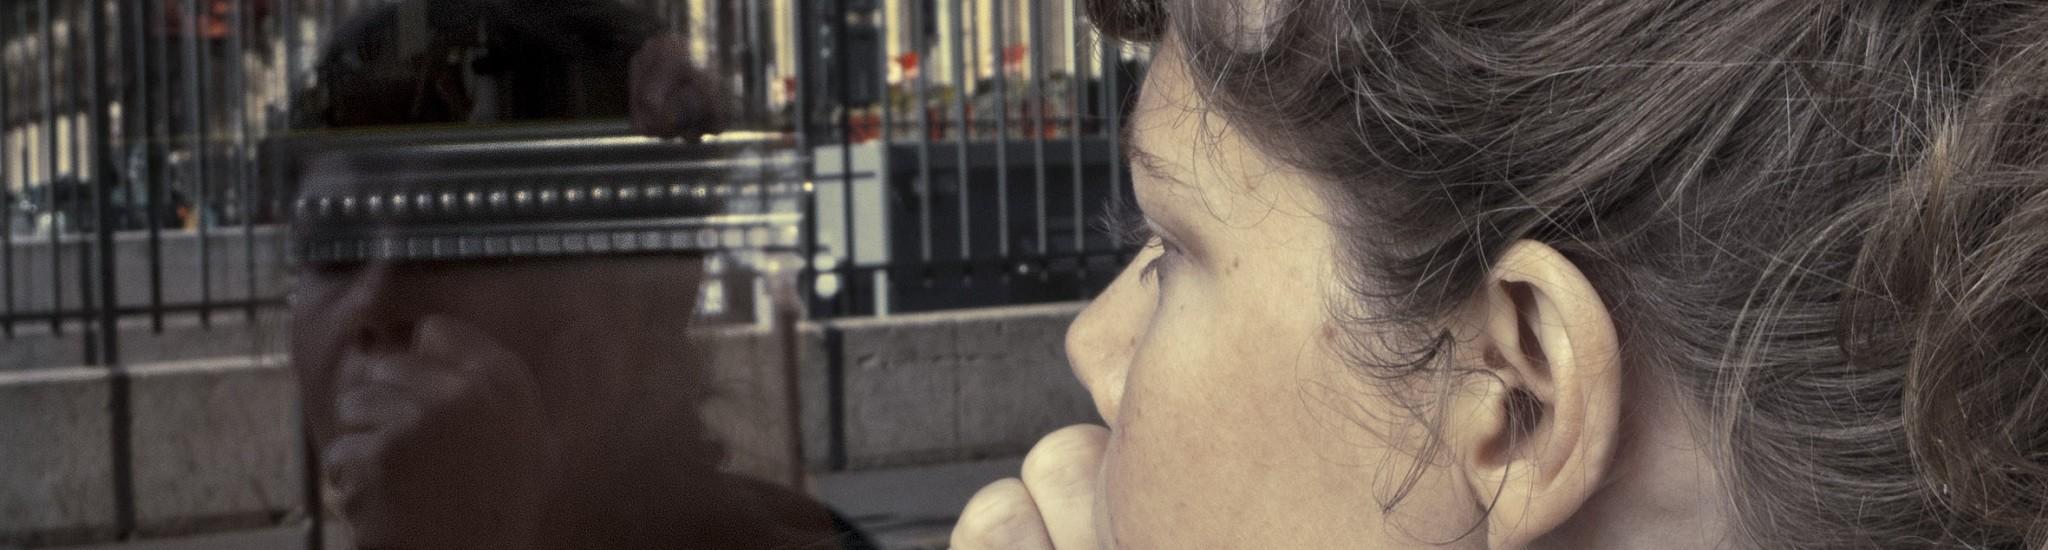 «Rendez-vous gare de l'Est» au TNS : un objet théâtral au réalisme troublant